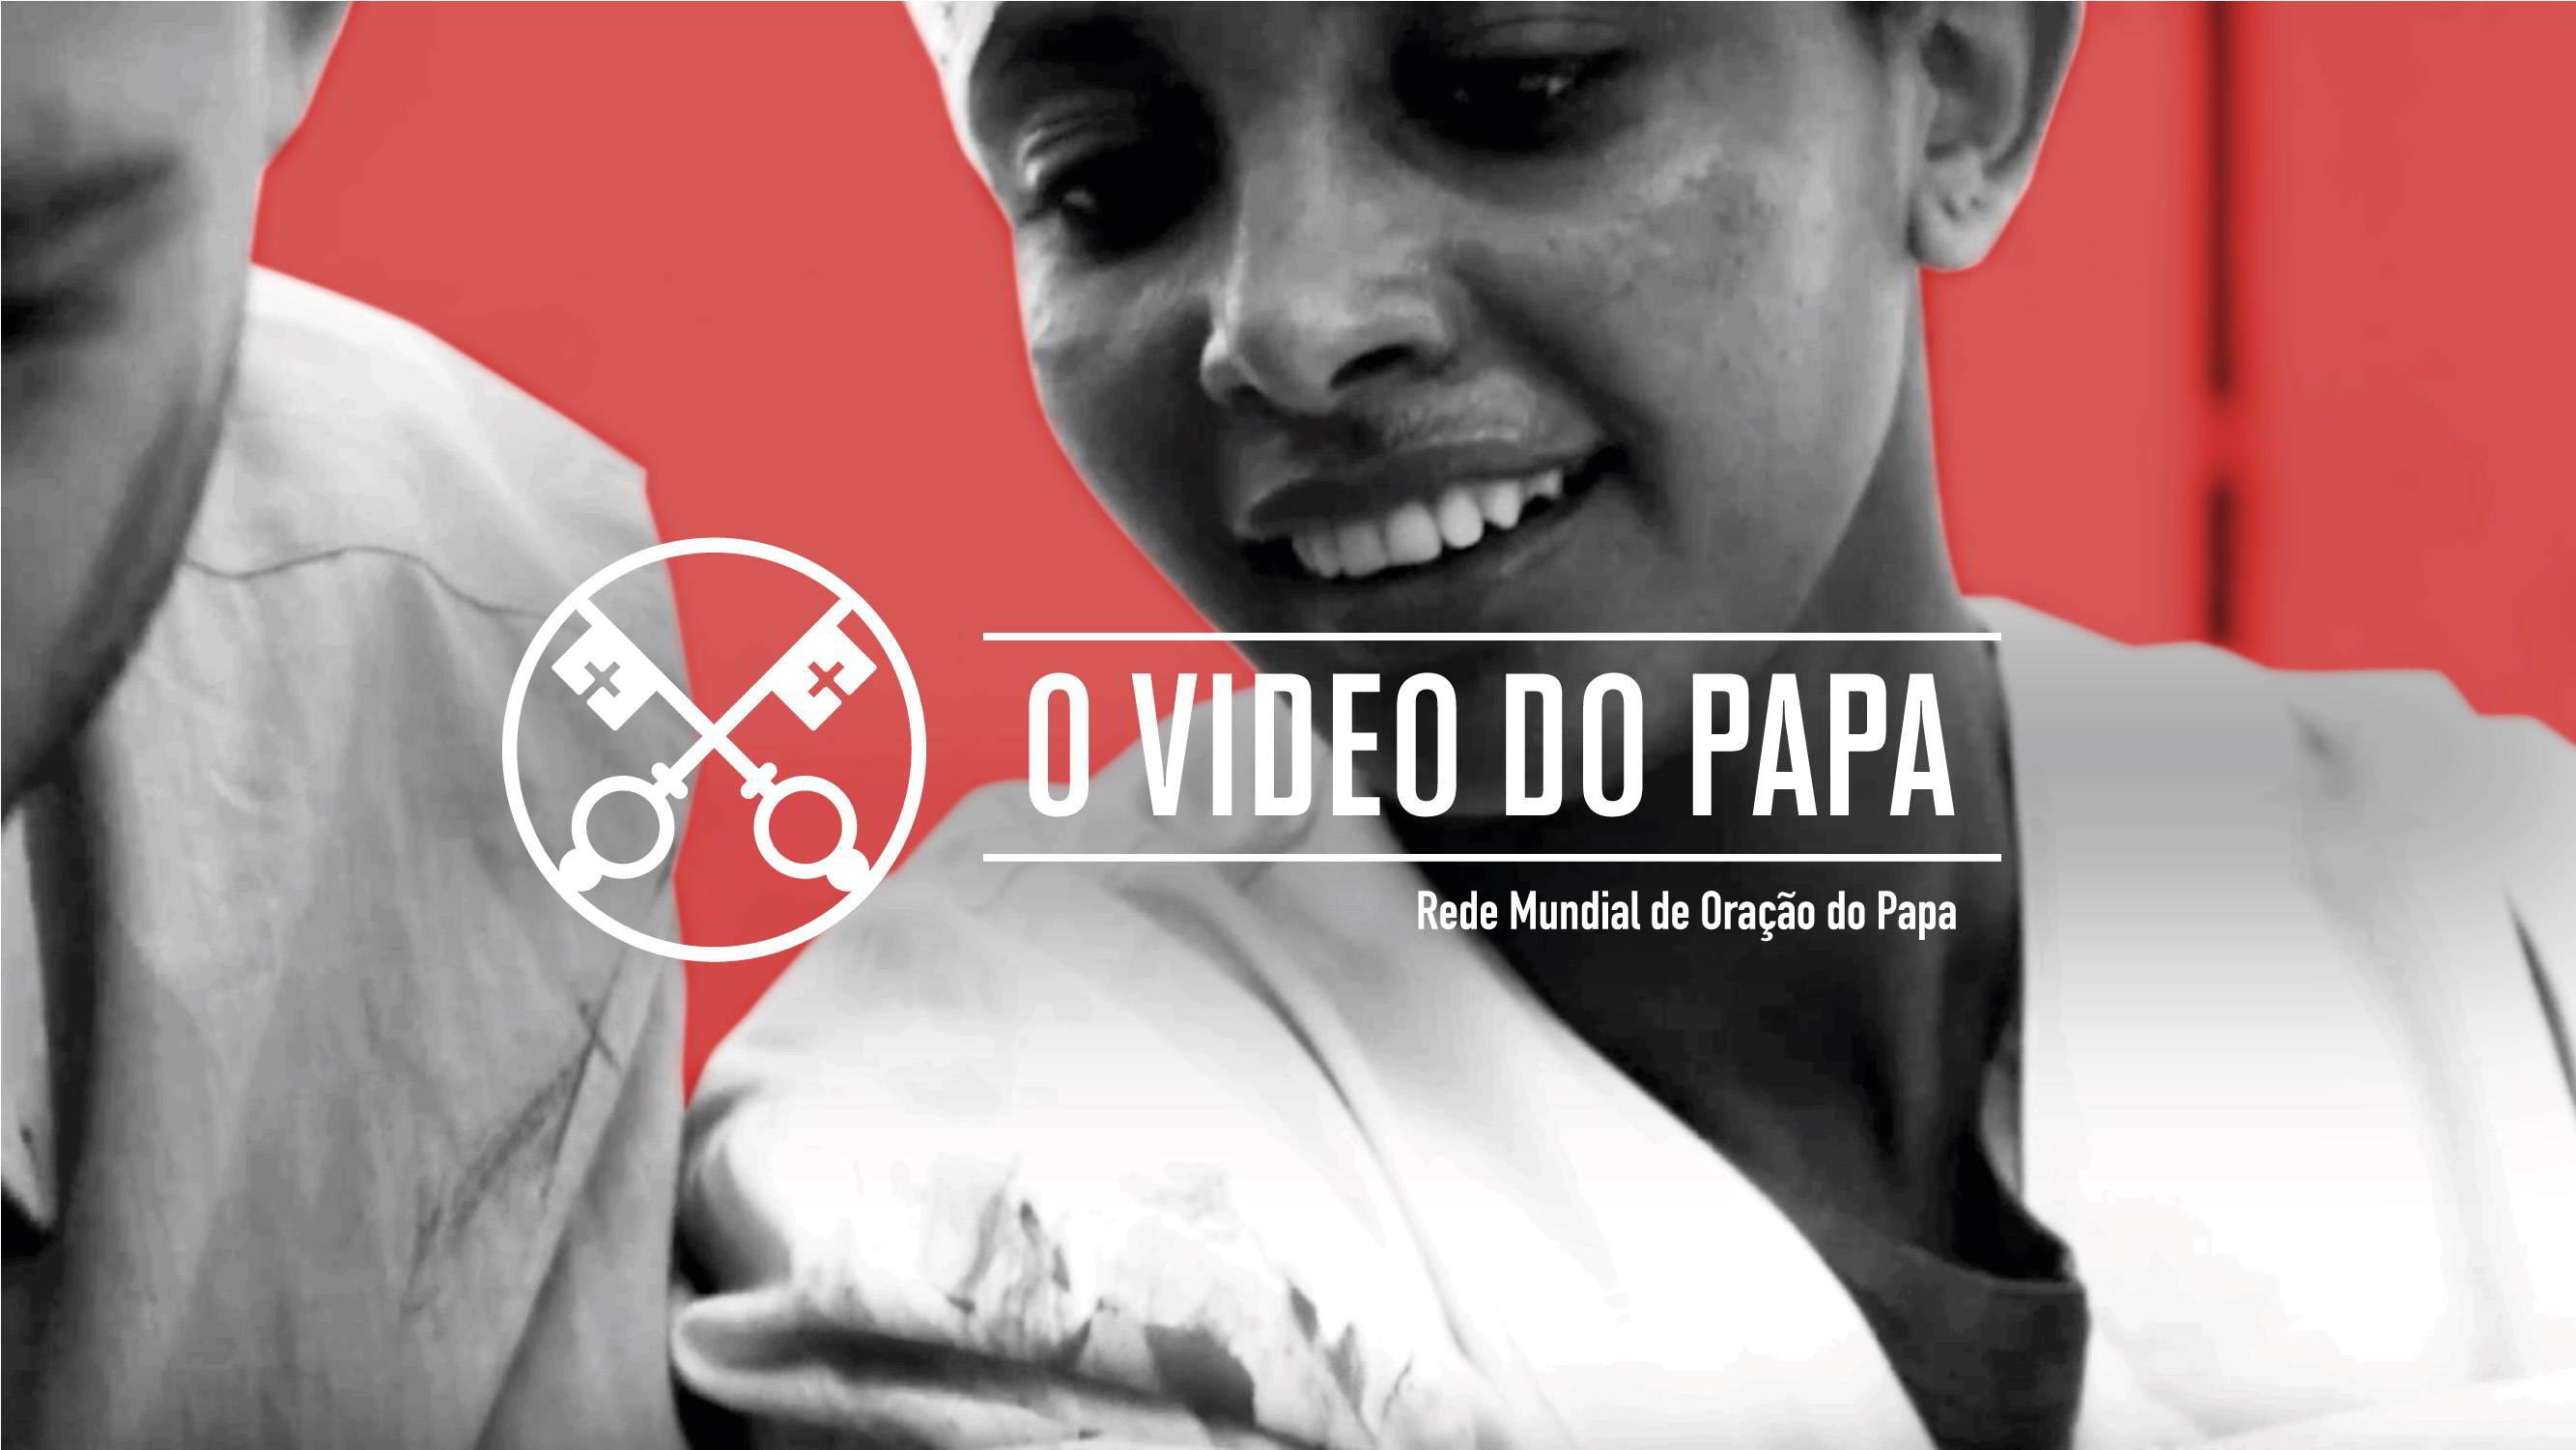 Official Image - TPV 4 2019 - 4 PT - Medicos em zonas de guerra.